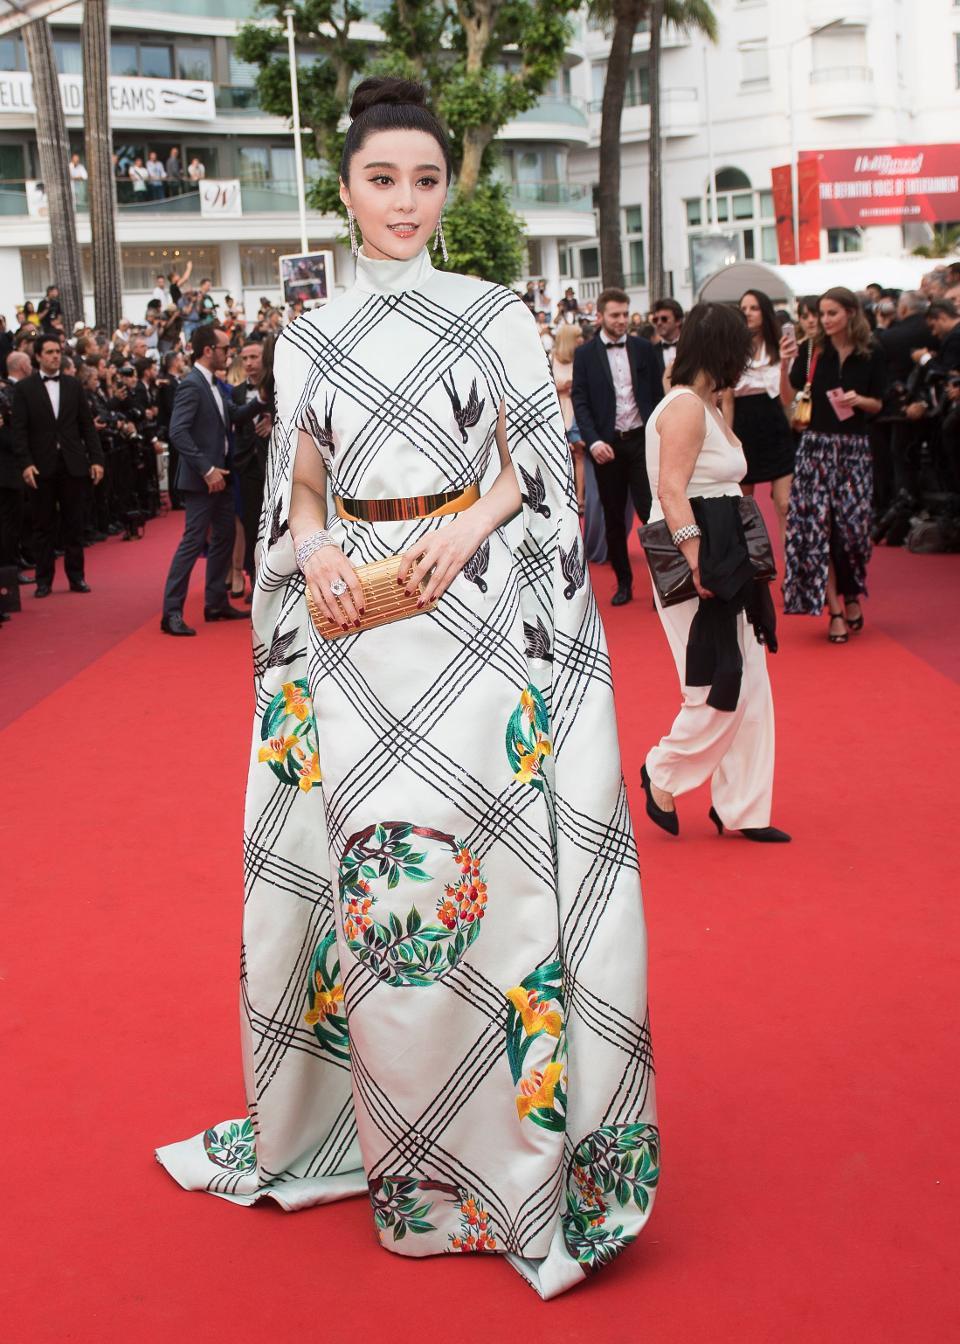 Phạm Băng Băng lại được RCFA (Mỹ) vinh danh là Ngôi sao quốc tế mặc đẹp nhất thế giới - Ảnh 4.